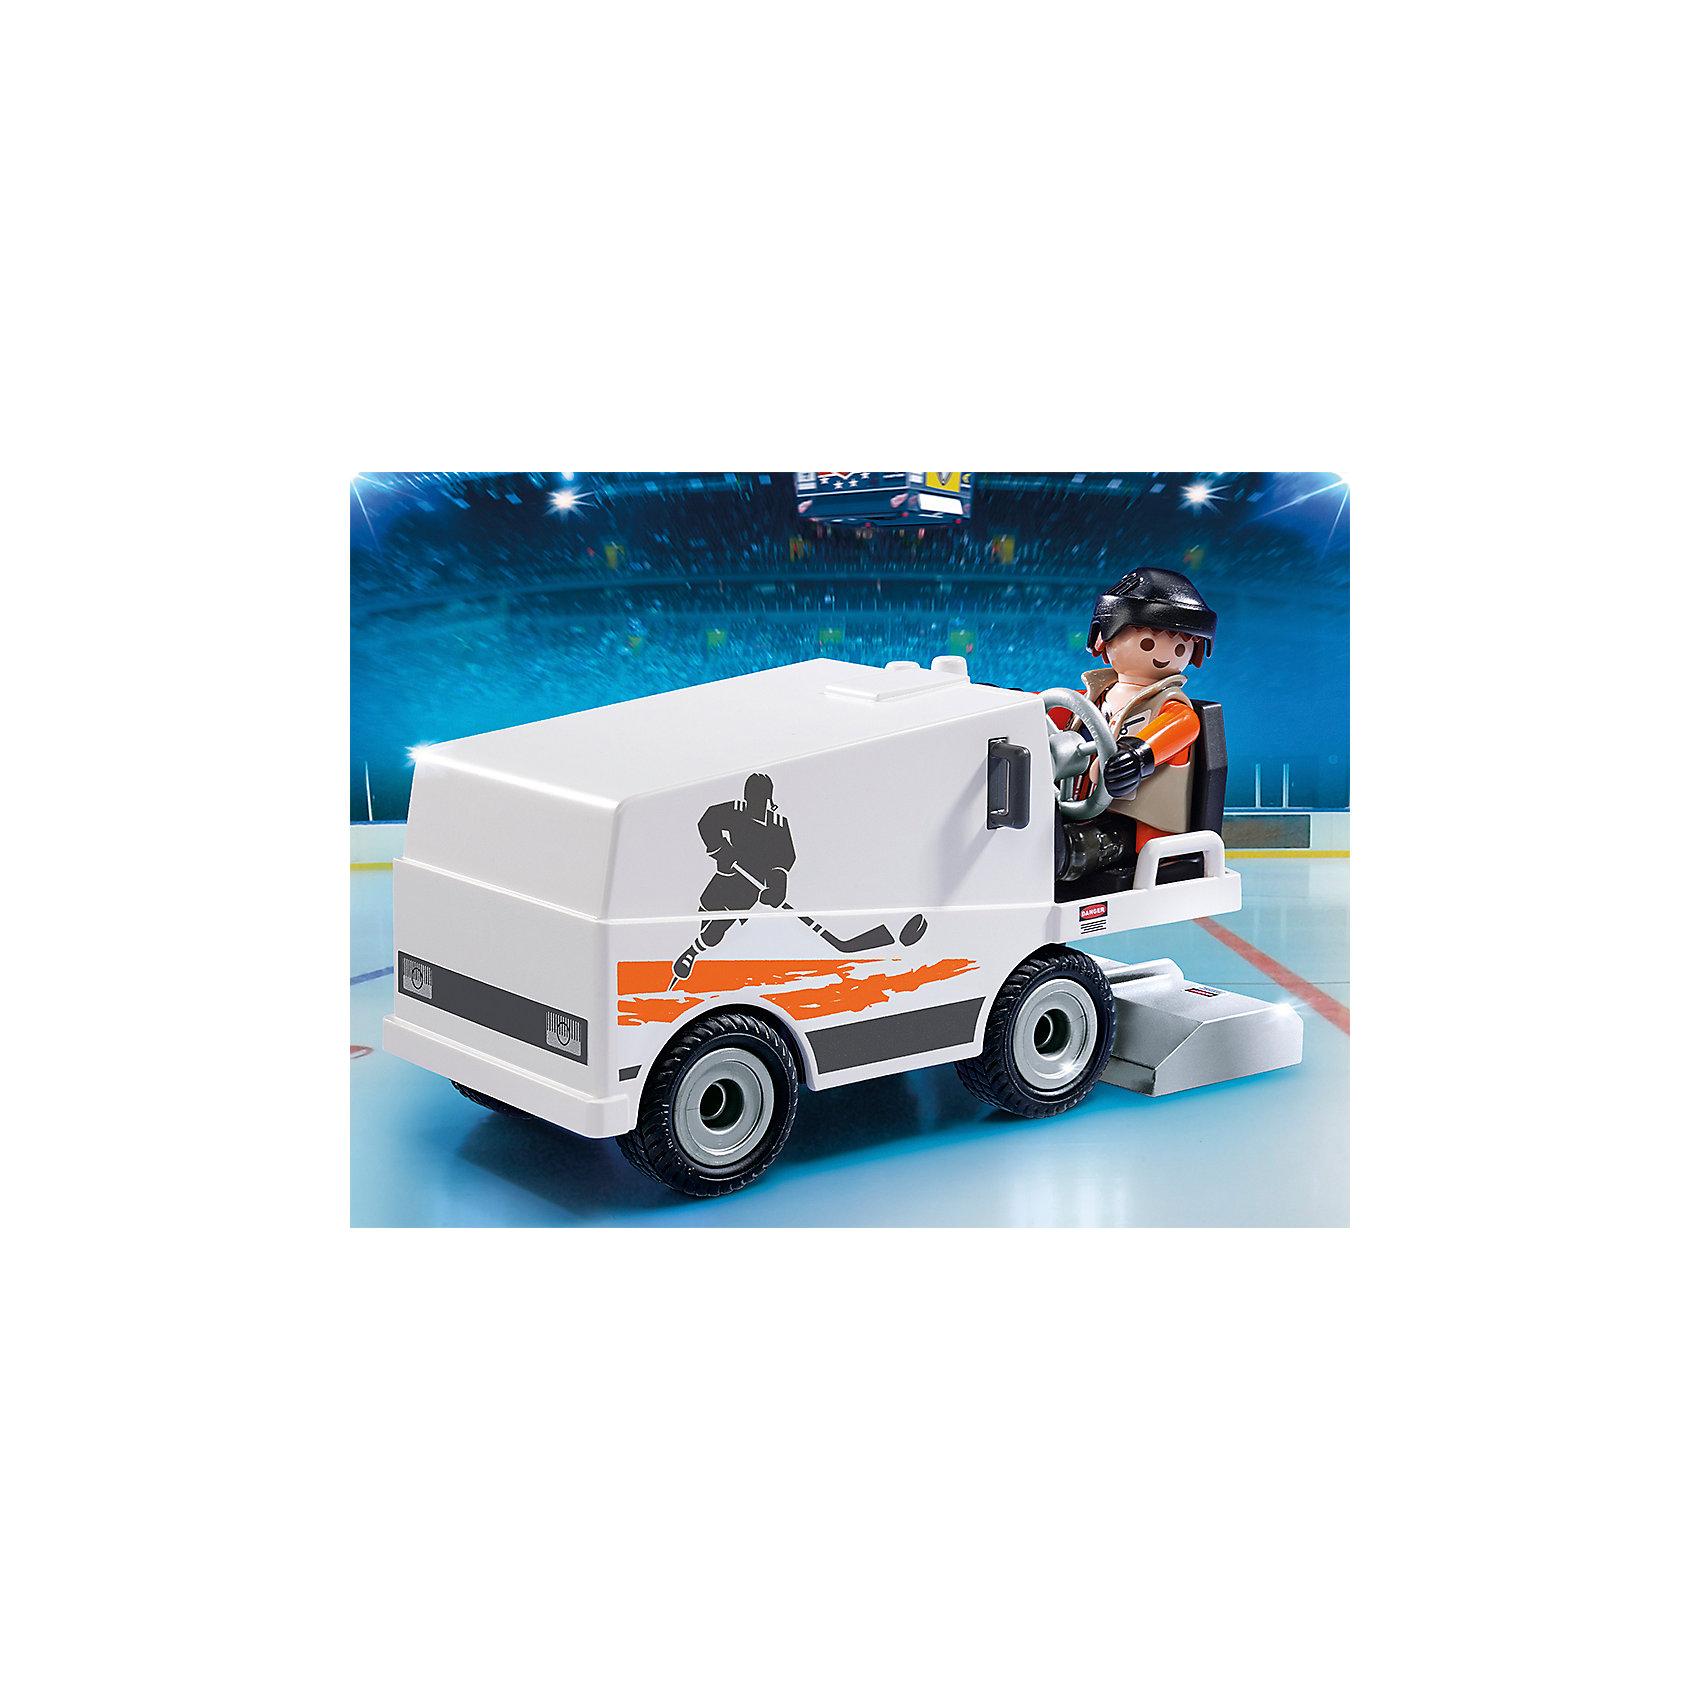 Хоккей: Машина для заливки льда, PLAYMOBILИз деталей этого набора можно собрать машину для заливки льда, за рулем которой сидит рабочий в черной каске и перчатках. Фигурка имеет подвижные конечности, в руки можно вложить инструменты. Все детали прекрасно проработаны и выполнены из высококачественного экологичного пластика безопасного для детей. Играть с таким набором не только приятно и интересно - подобные виды игры развивают мелкую моторику, воображение, творческое мышление.<br><br>Дополнительная информация:<br><br>- 1 фигурка в наборе.<br>- Комплектация: фигурка рабочего, машина.<br>- Материал: пластик.<br>- Размер упаковки: 19х14х10 см.<br>- Высота фигурки: 7,5 см.<br>- Голова, руки, ноги у фигурки подвижные.<br>- Колеса машины крутятся.<br>- Каска и перчатки снимаются.<br><br>Набор Хоккей: Машина для заливки льда, PLAYMOBIL (Плеймобил), можно купить в нашем магазине.<br><br>Ширина мм: 192<br>Глубина мм: 144<br>Высота мм: 100<br>Вес г: 229<br>Возраст от месяцев: 60<br>Возраст до месяцев: 120<br>Пол: Мужской<br>Возраст: Детский<br>SKU: 4012495